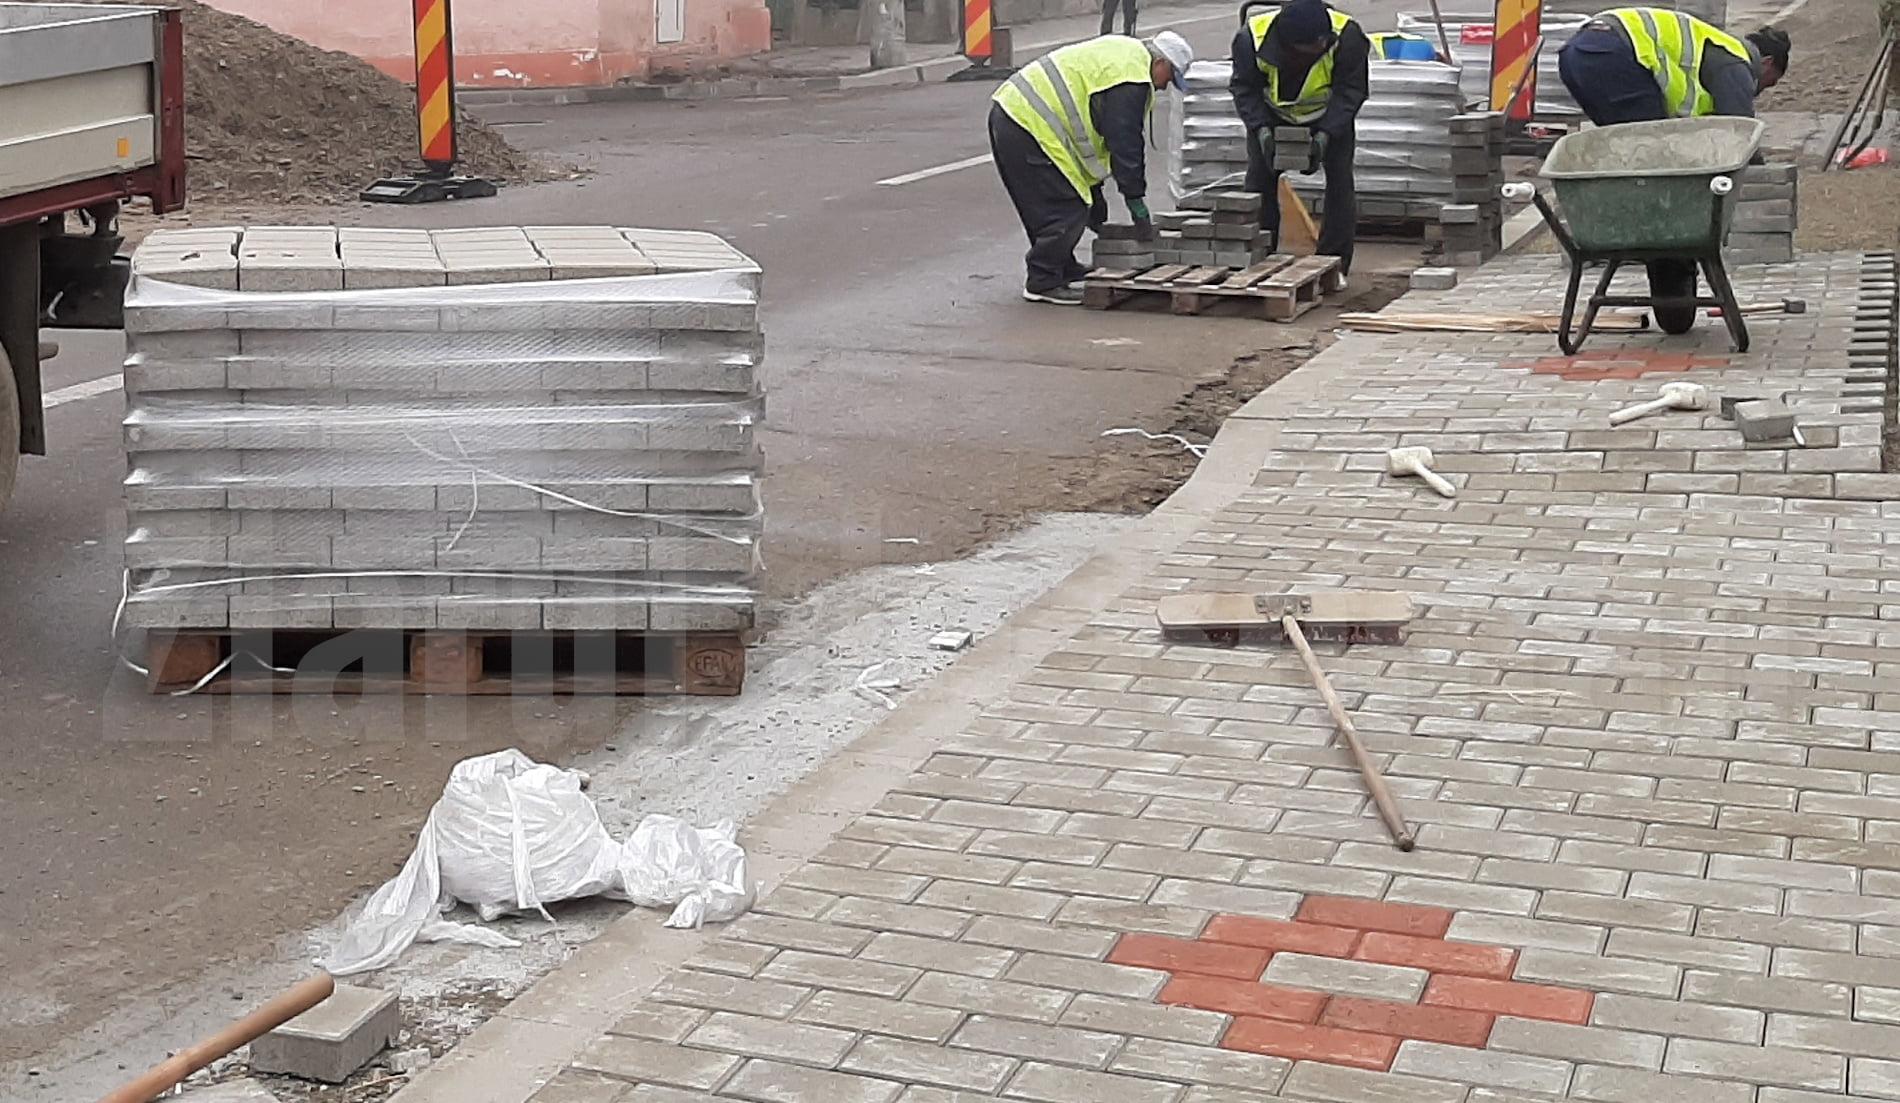 Ce trotuare sunt modernizate cu pavele, la început de an